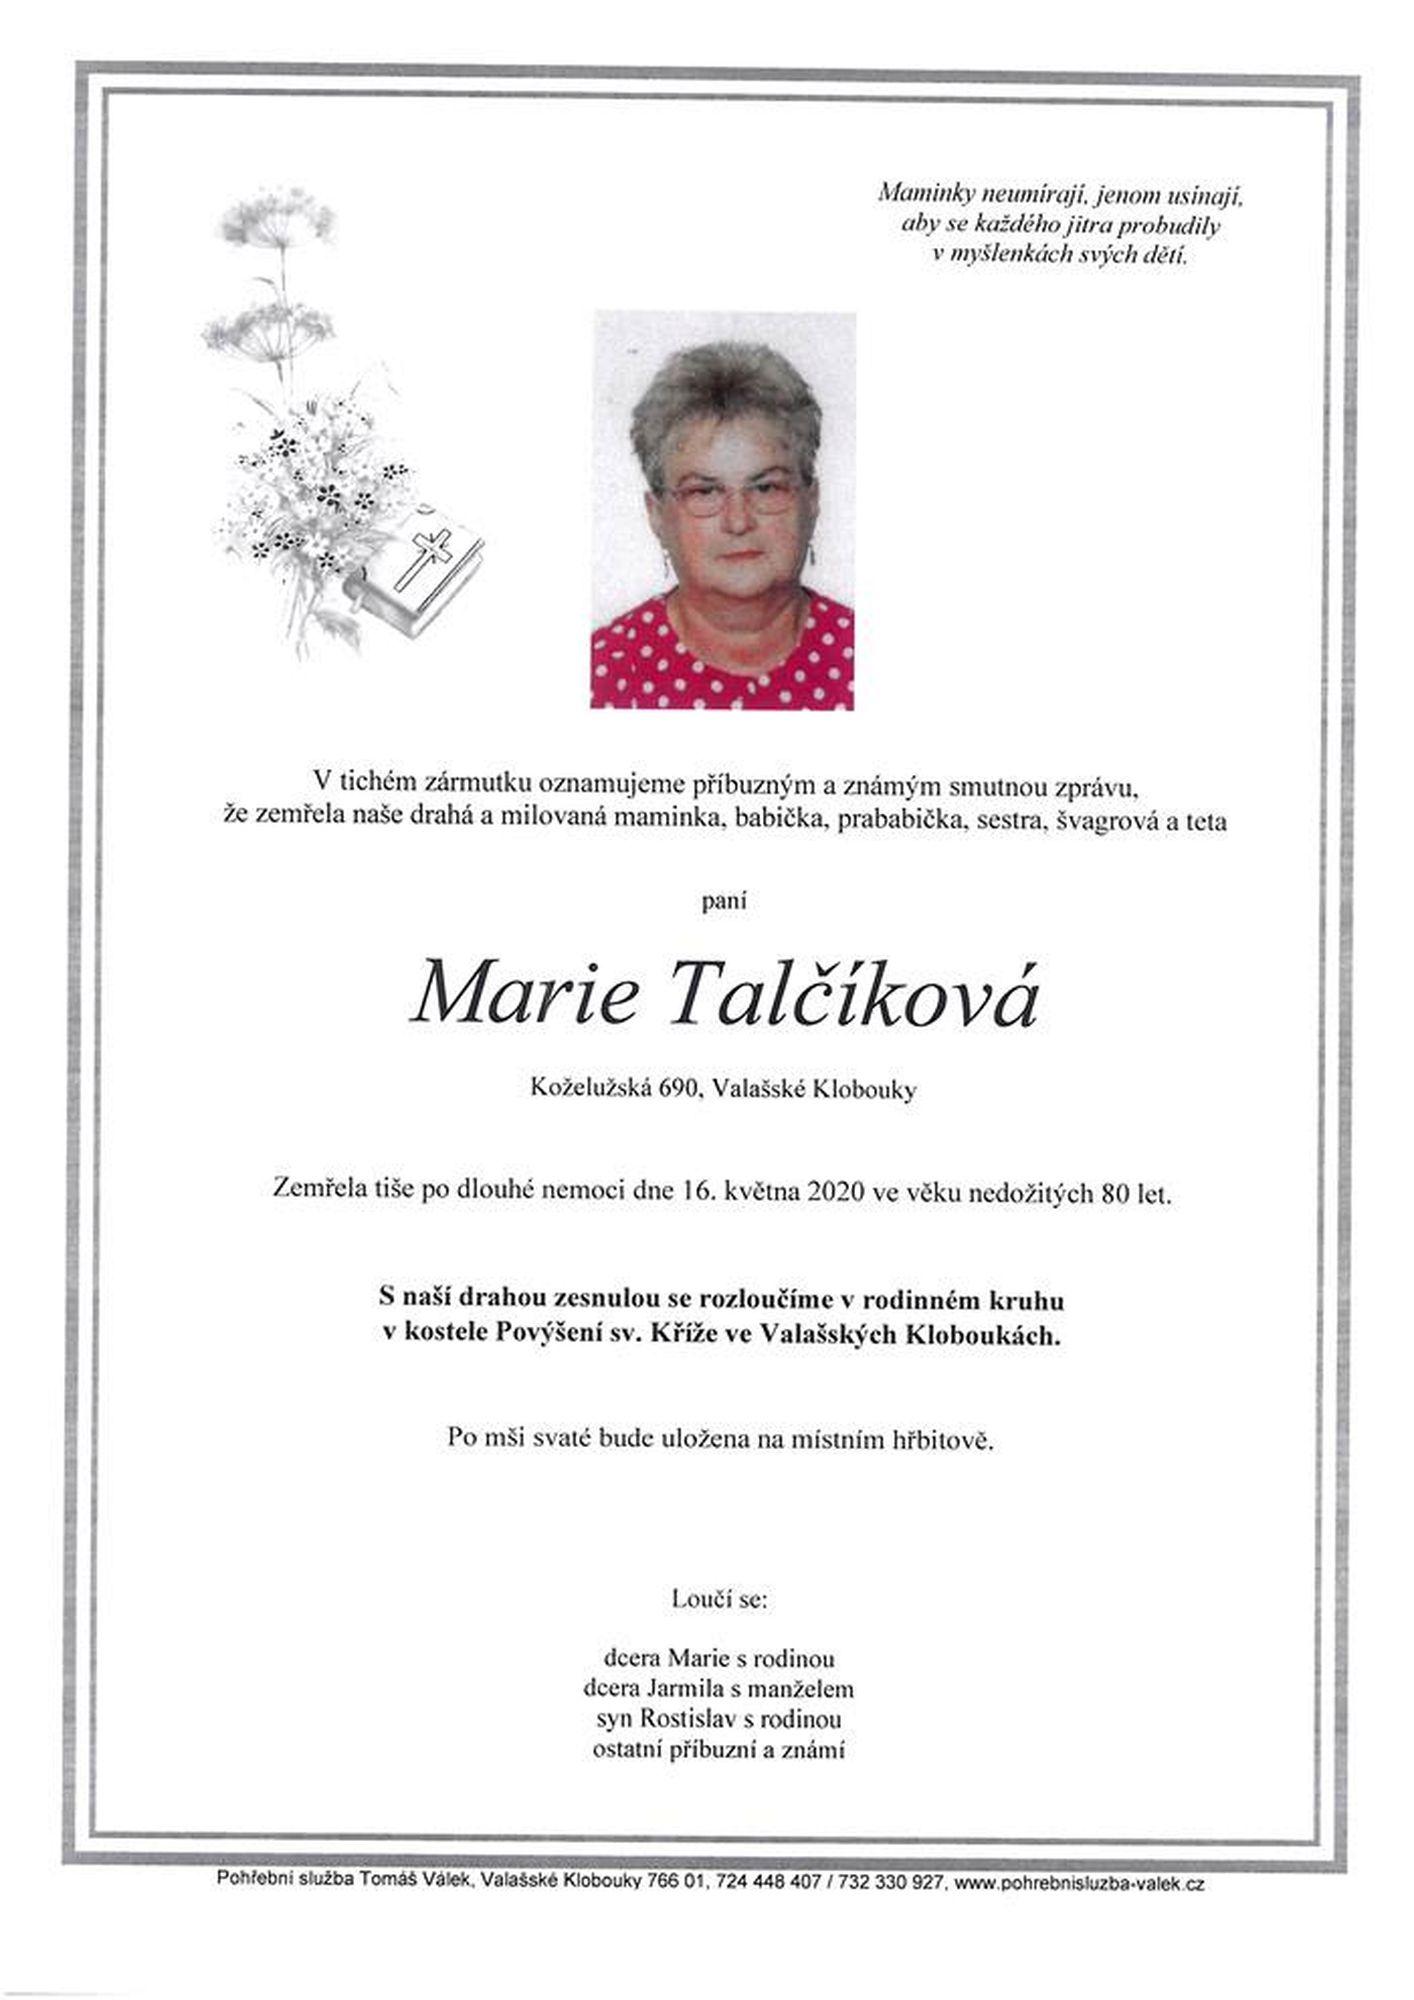 Marie Talčíková